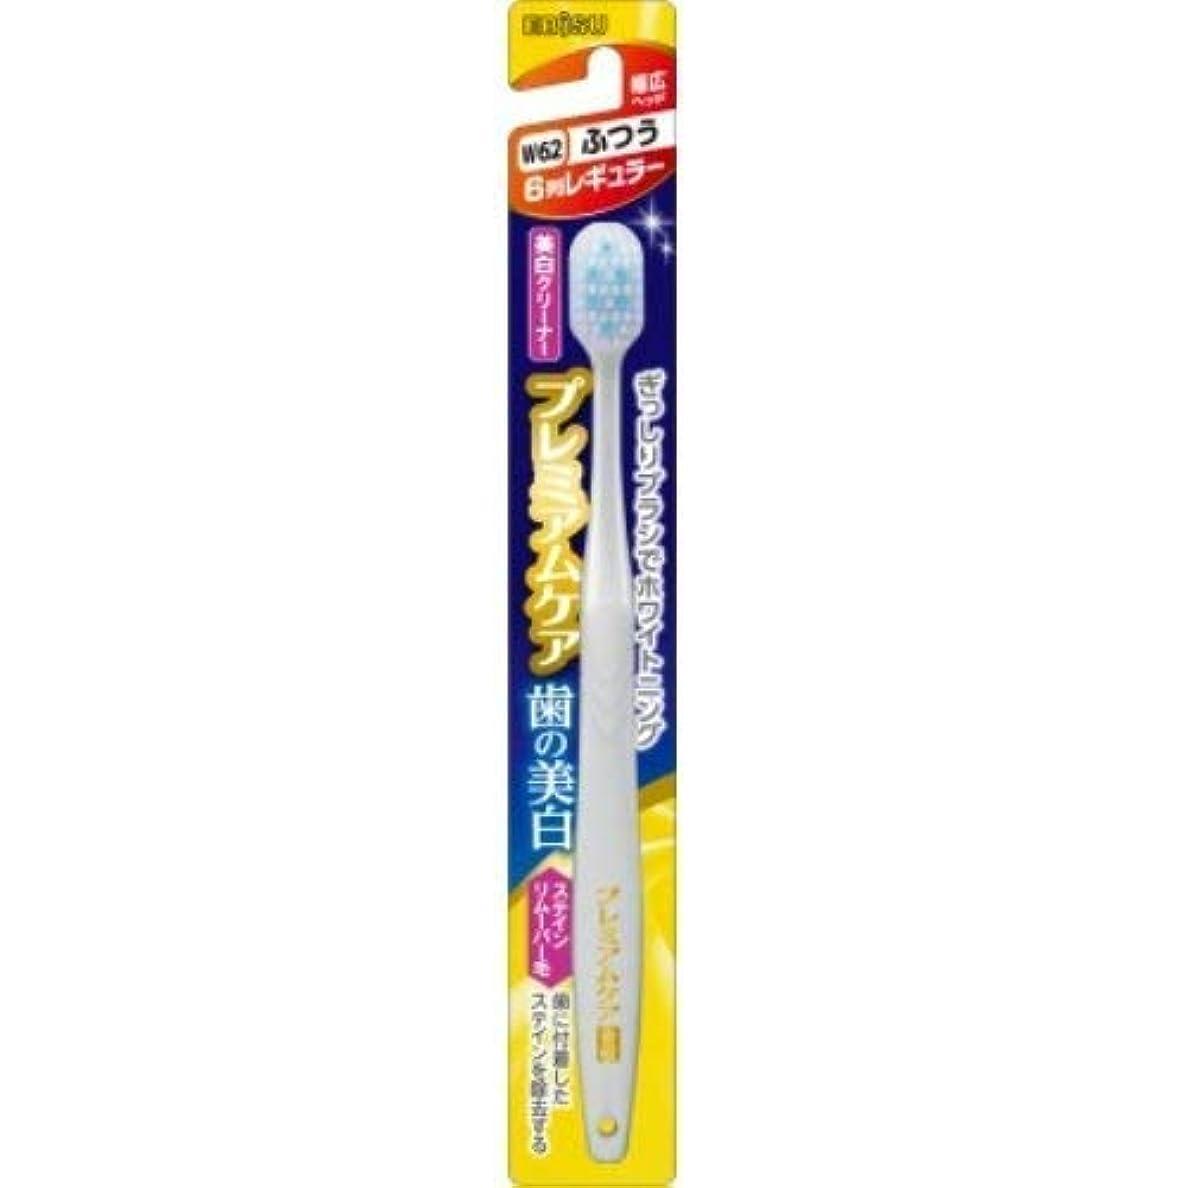 黄ばむ速記不利エビス プレミアムケア 歯の美白 6列レギュラー ふつう